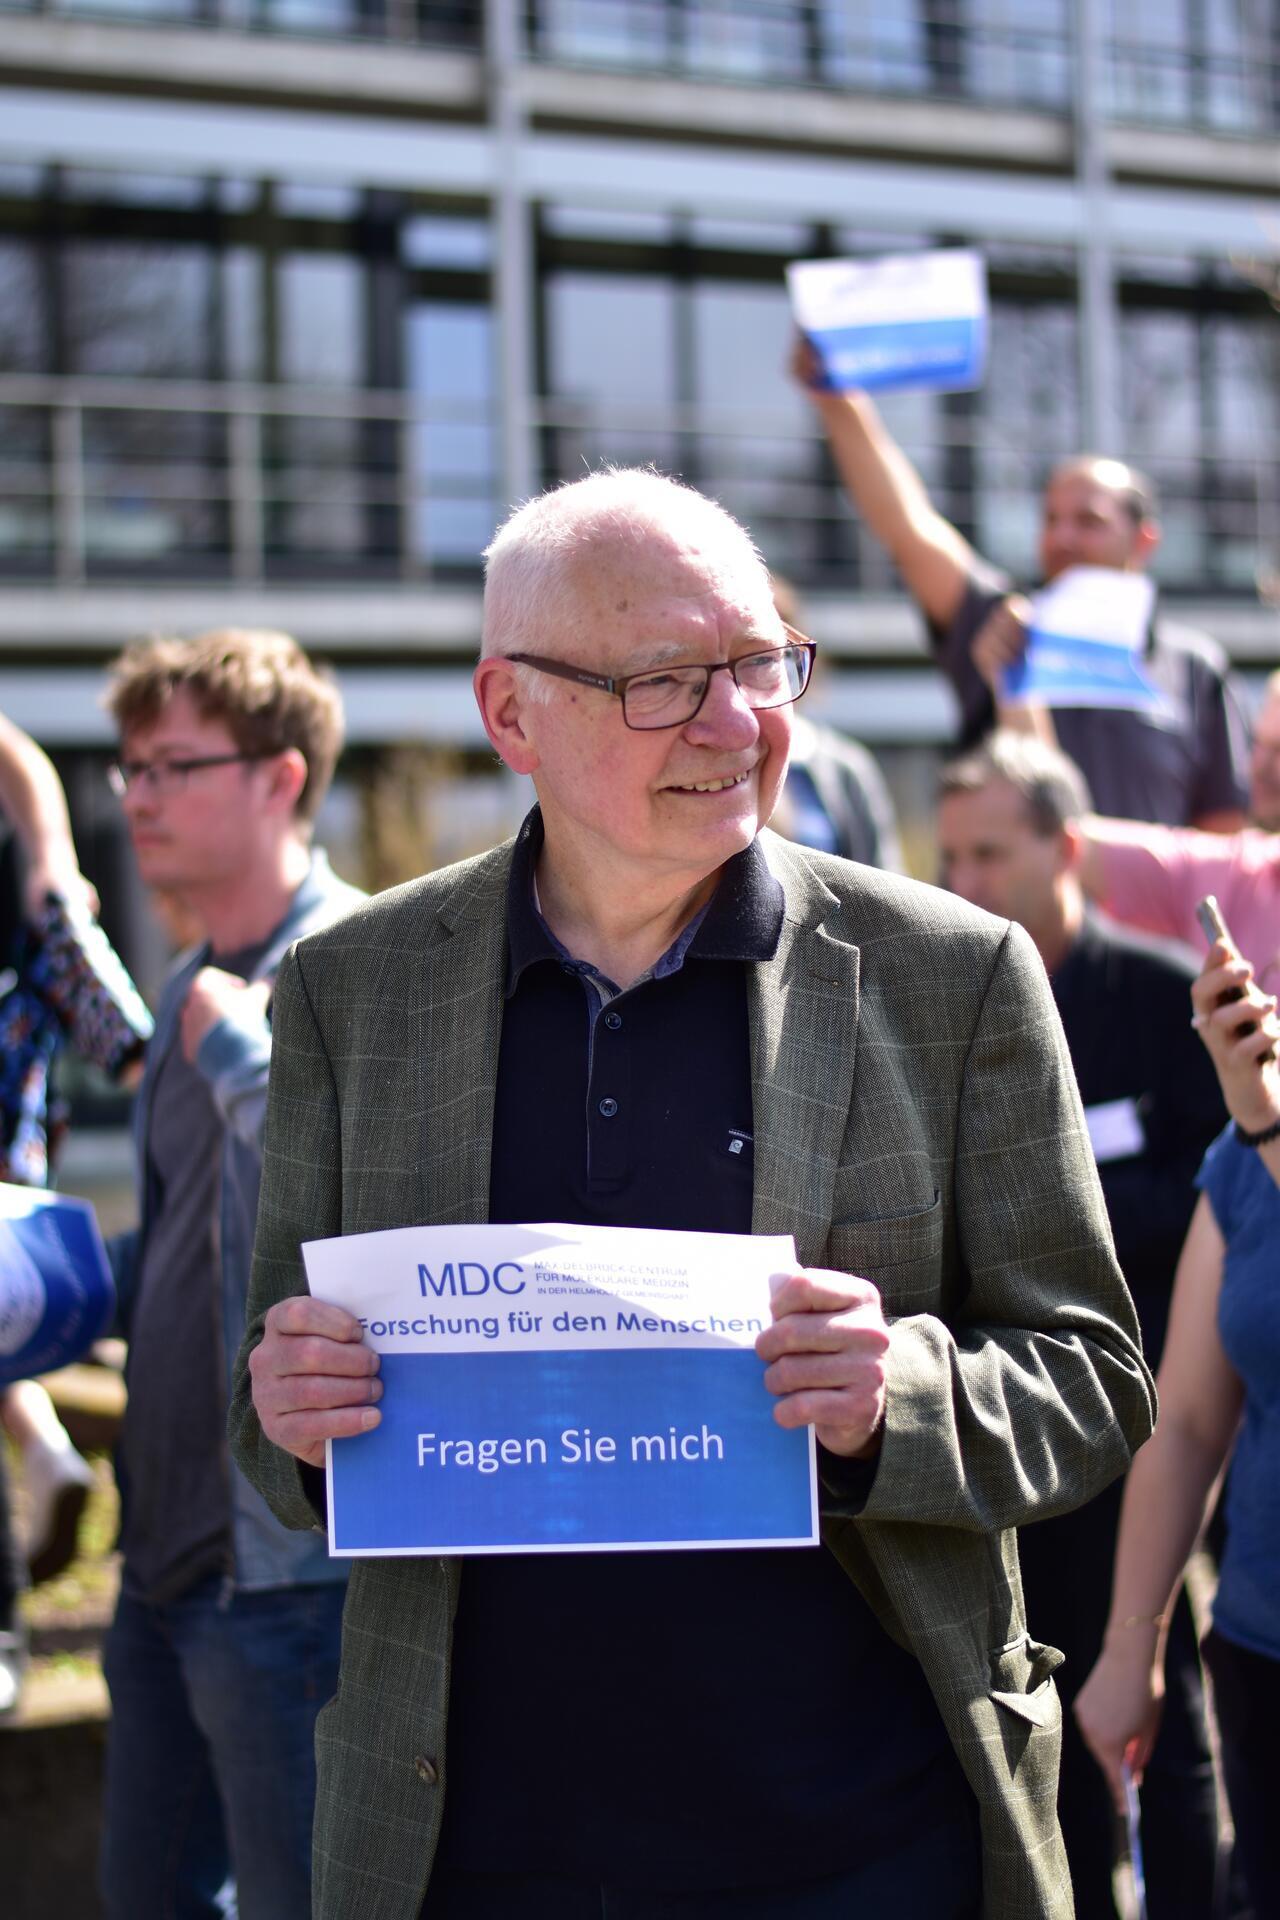 Йенс Райх на акции «Давайте поговорим!», организованной сотрудниками Центра Макса Дельбрюка в апреле 2018 года в ответ на выступления «зеленых» радикалов, требующих полностью запретить использование животных в медицинских опытах. Фото с сайта mdc-berlin.de